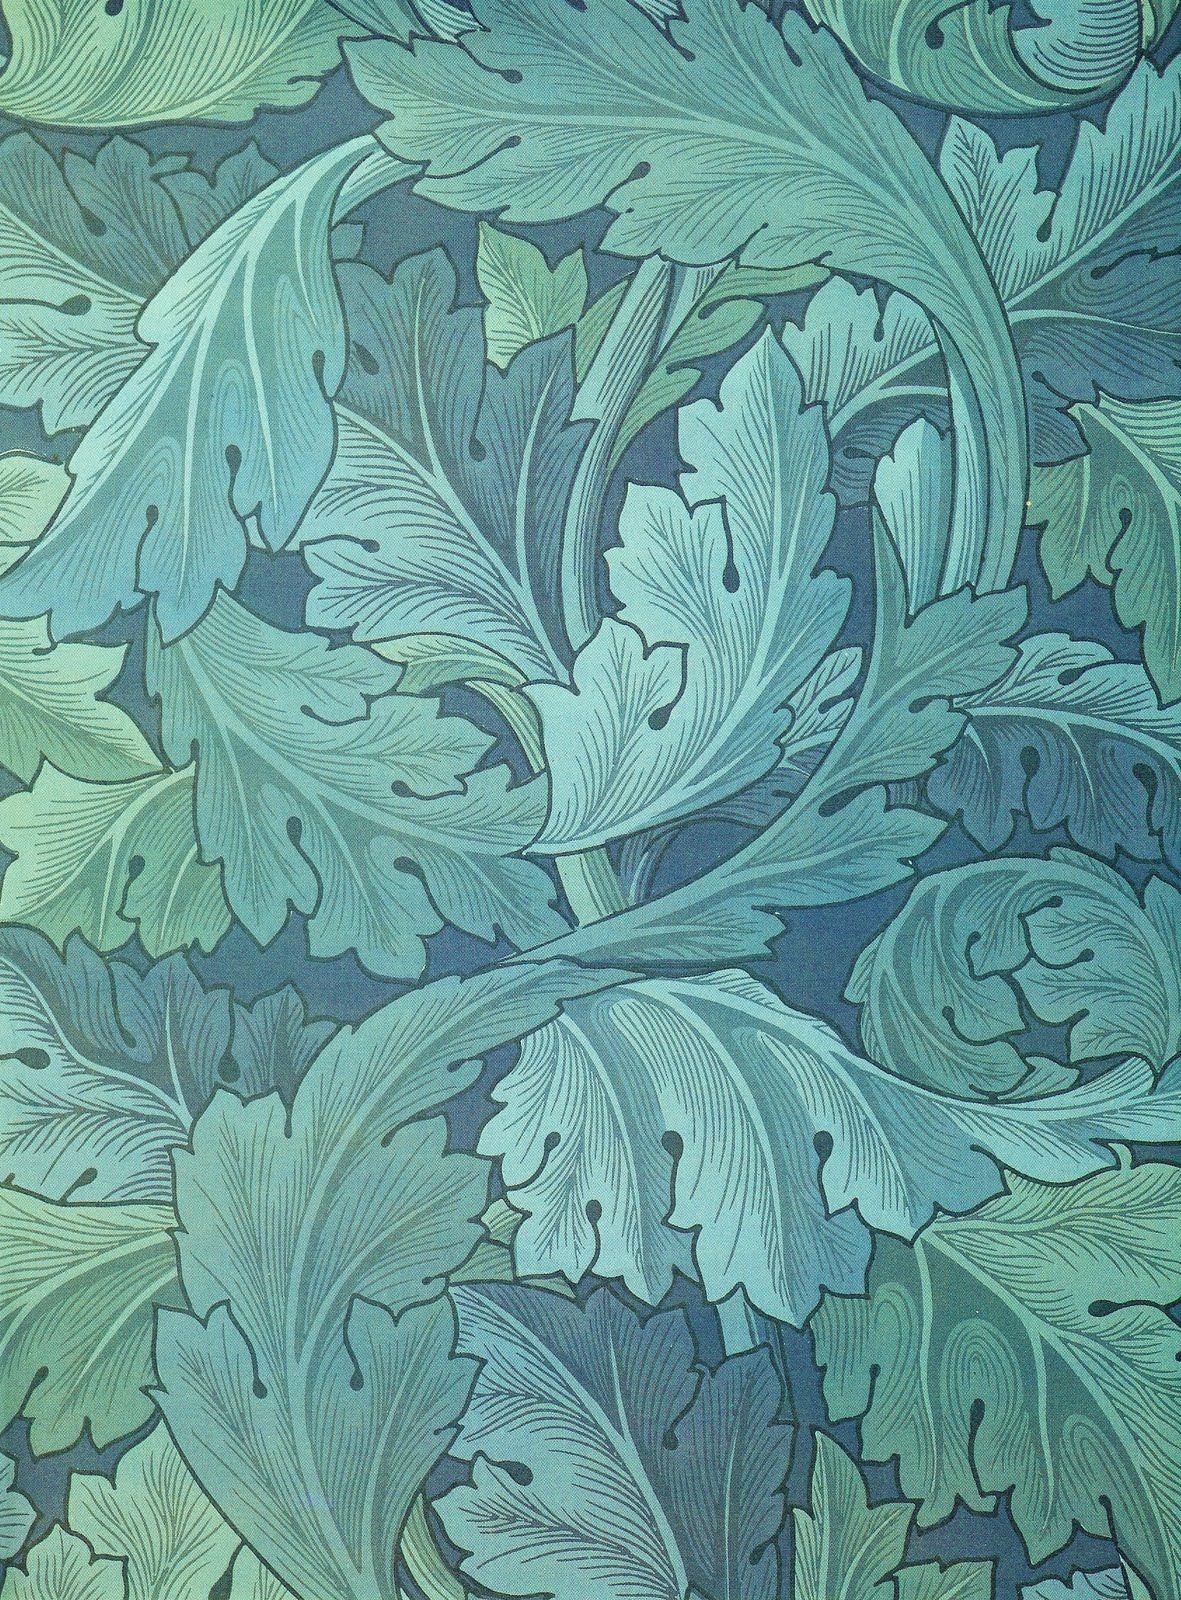 William Morris, acanthus leaves